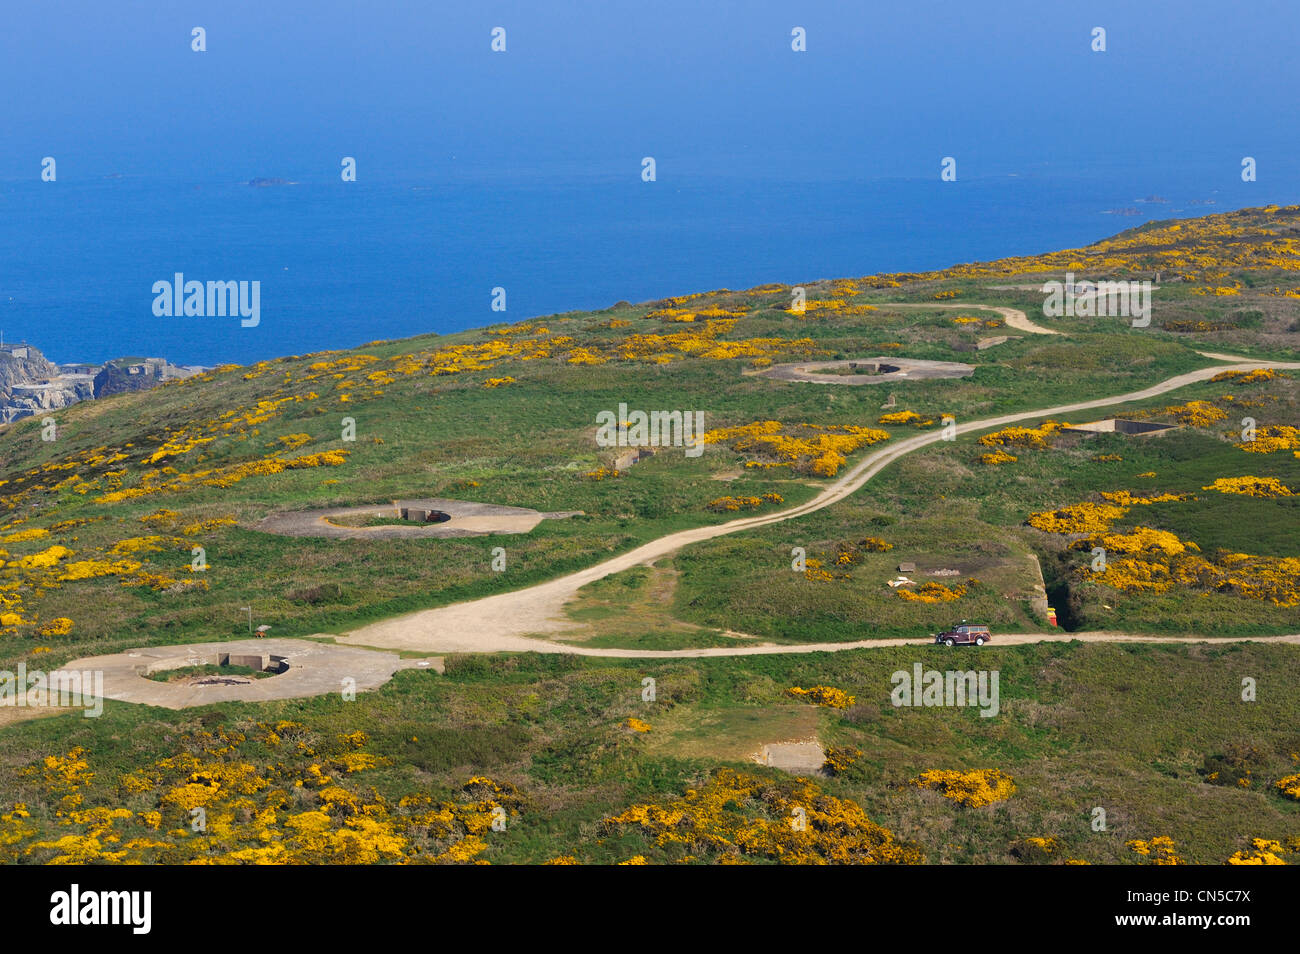 Royaume-uni, îles Anglo-Normandes, Aurigny (vue aérienne) Photo Stock